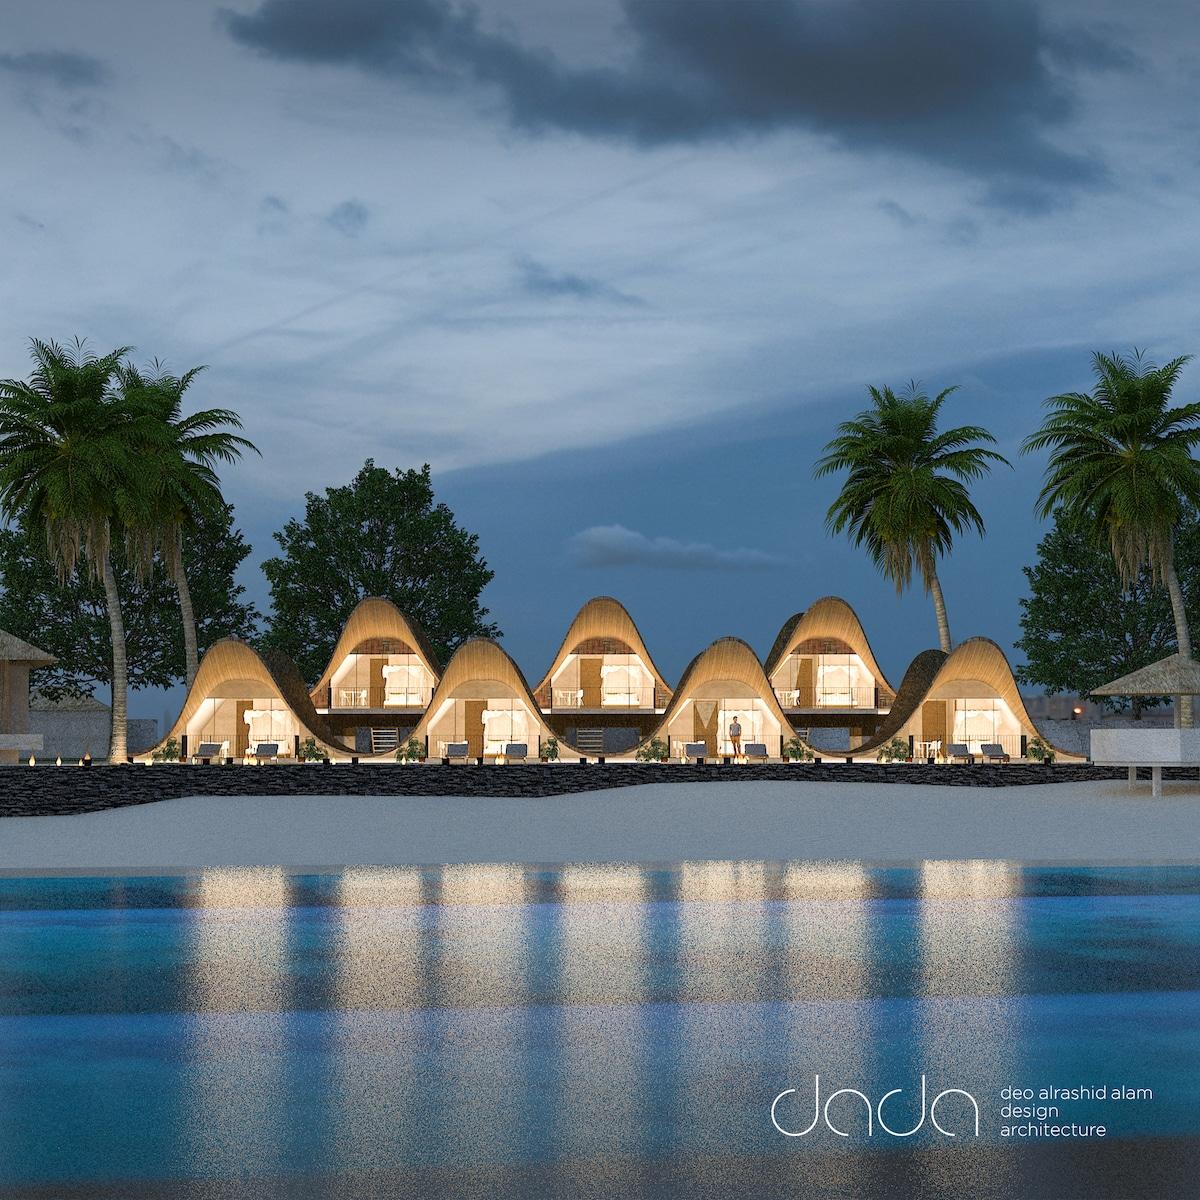 Bihing Tahik Resort from across the water